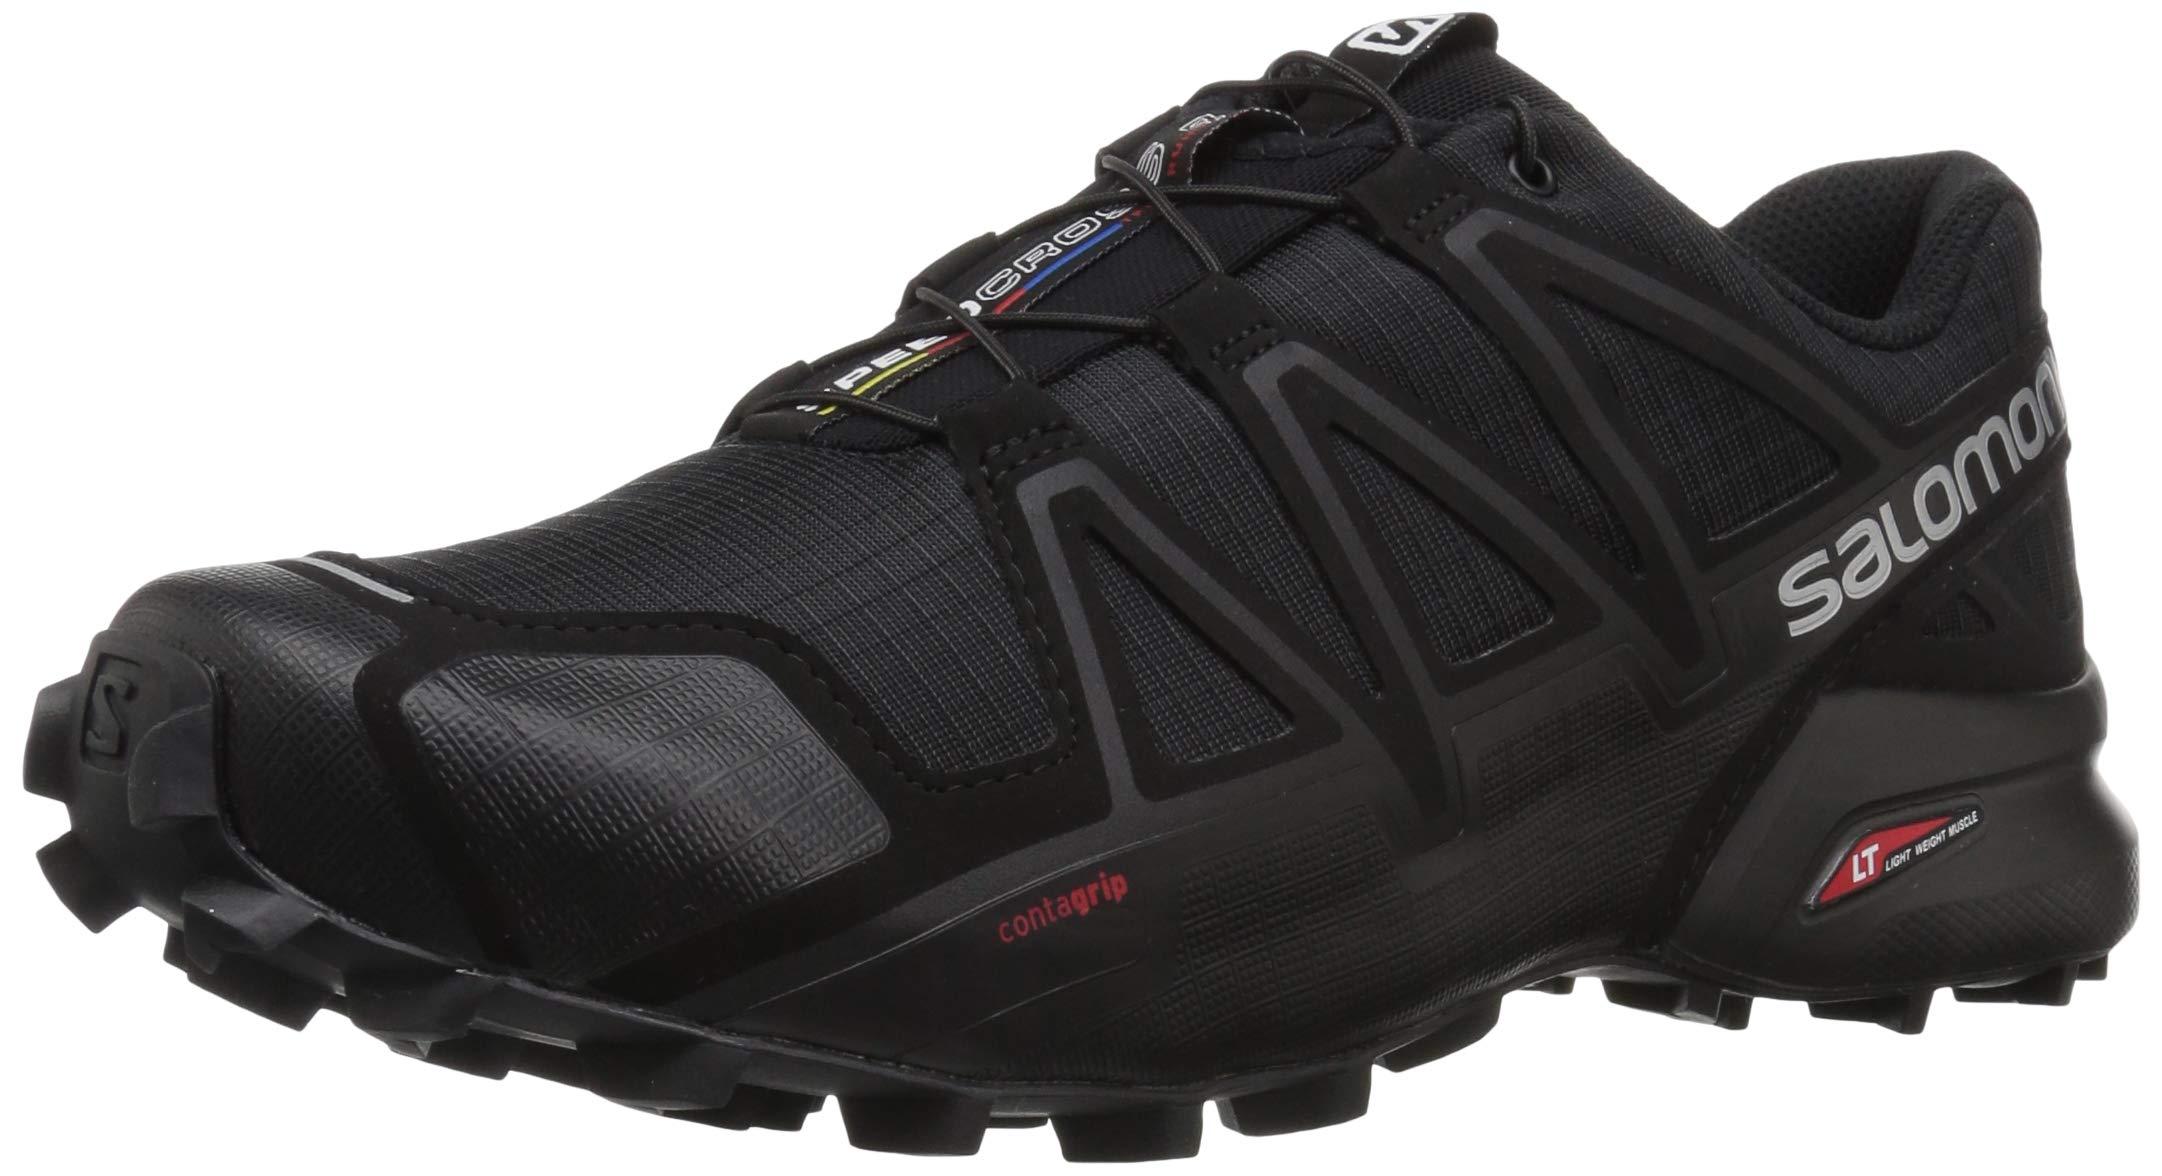 Salomon - Zapatillas para correr en montaña de Material Sintético para hombre negro black/black metallic: Amazon.es: Deportes y aire libre